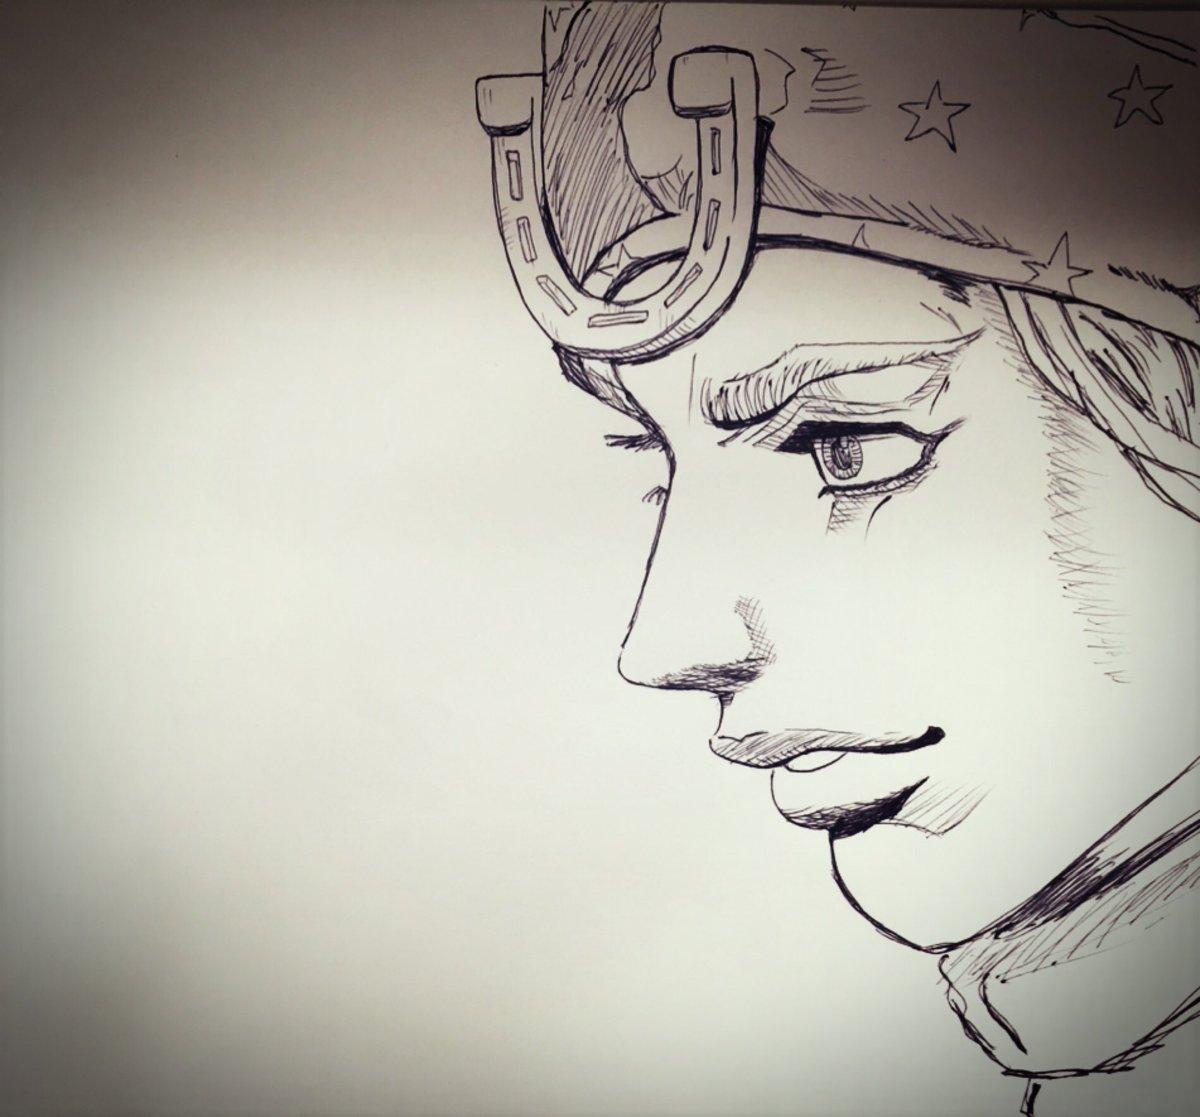 おはよーぐると!やっぱりジョニィ・ジョースターが1番好きやなぁ#ジョジョ #JOJO #ボールペン画